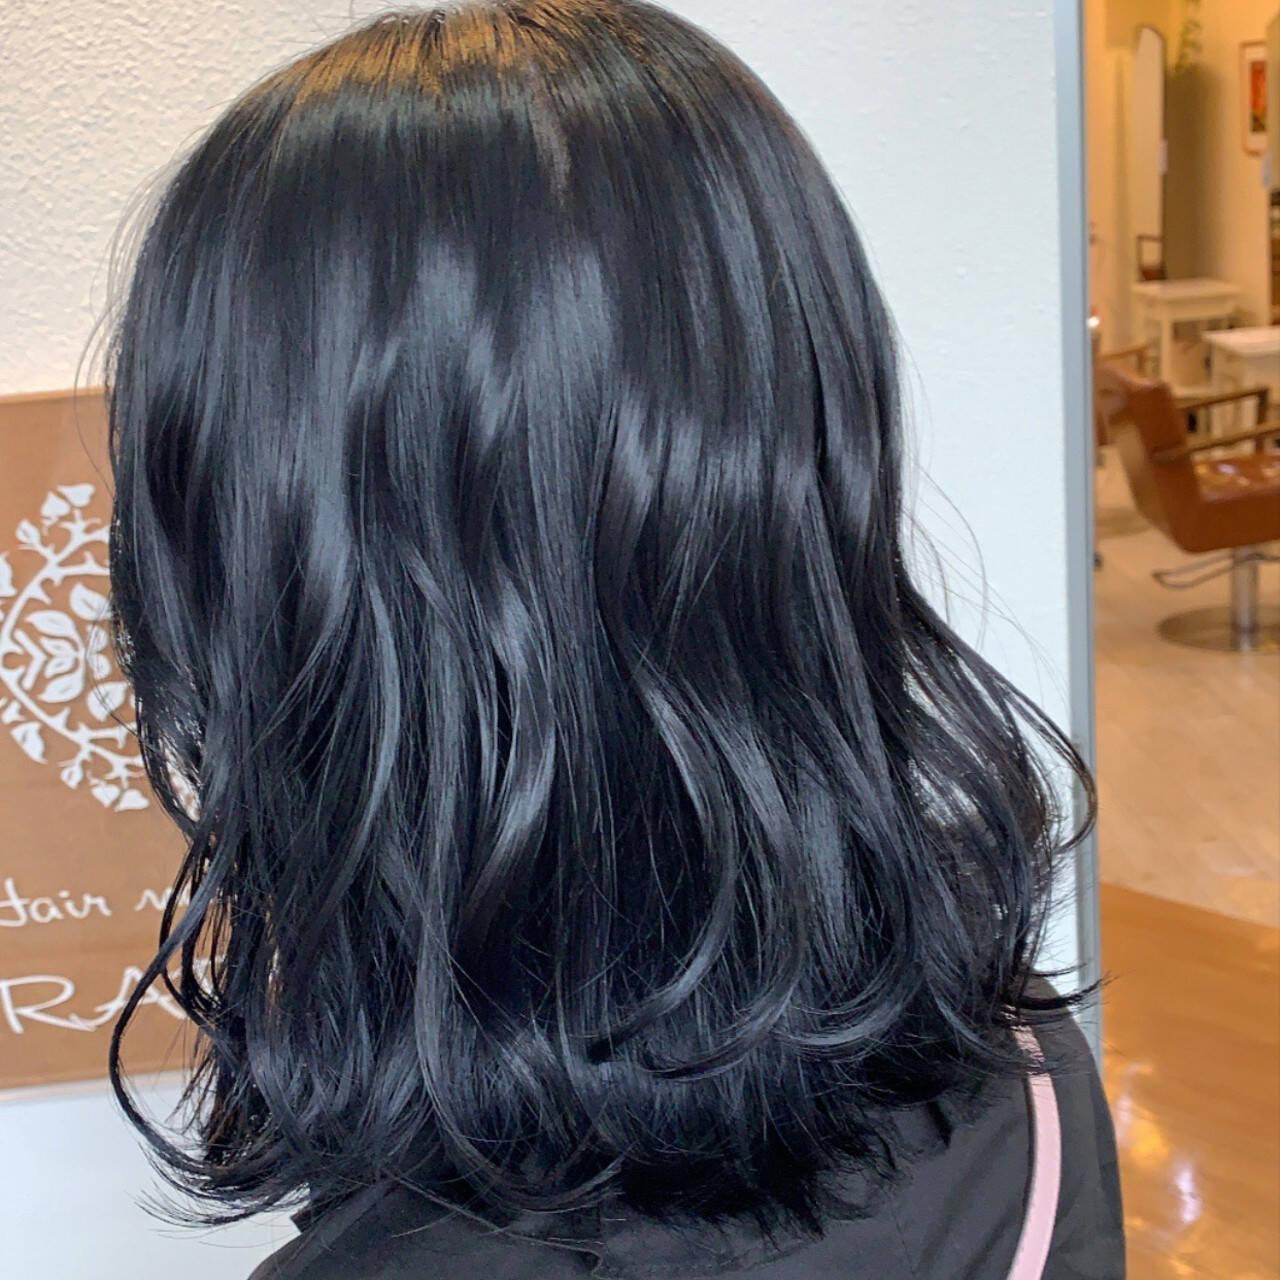 暗髪 モード 暗髪女子 ブルージュヘアスタイルや髪型の写真・画像